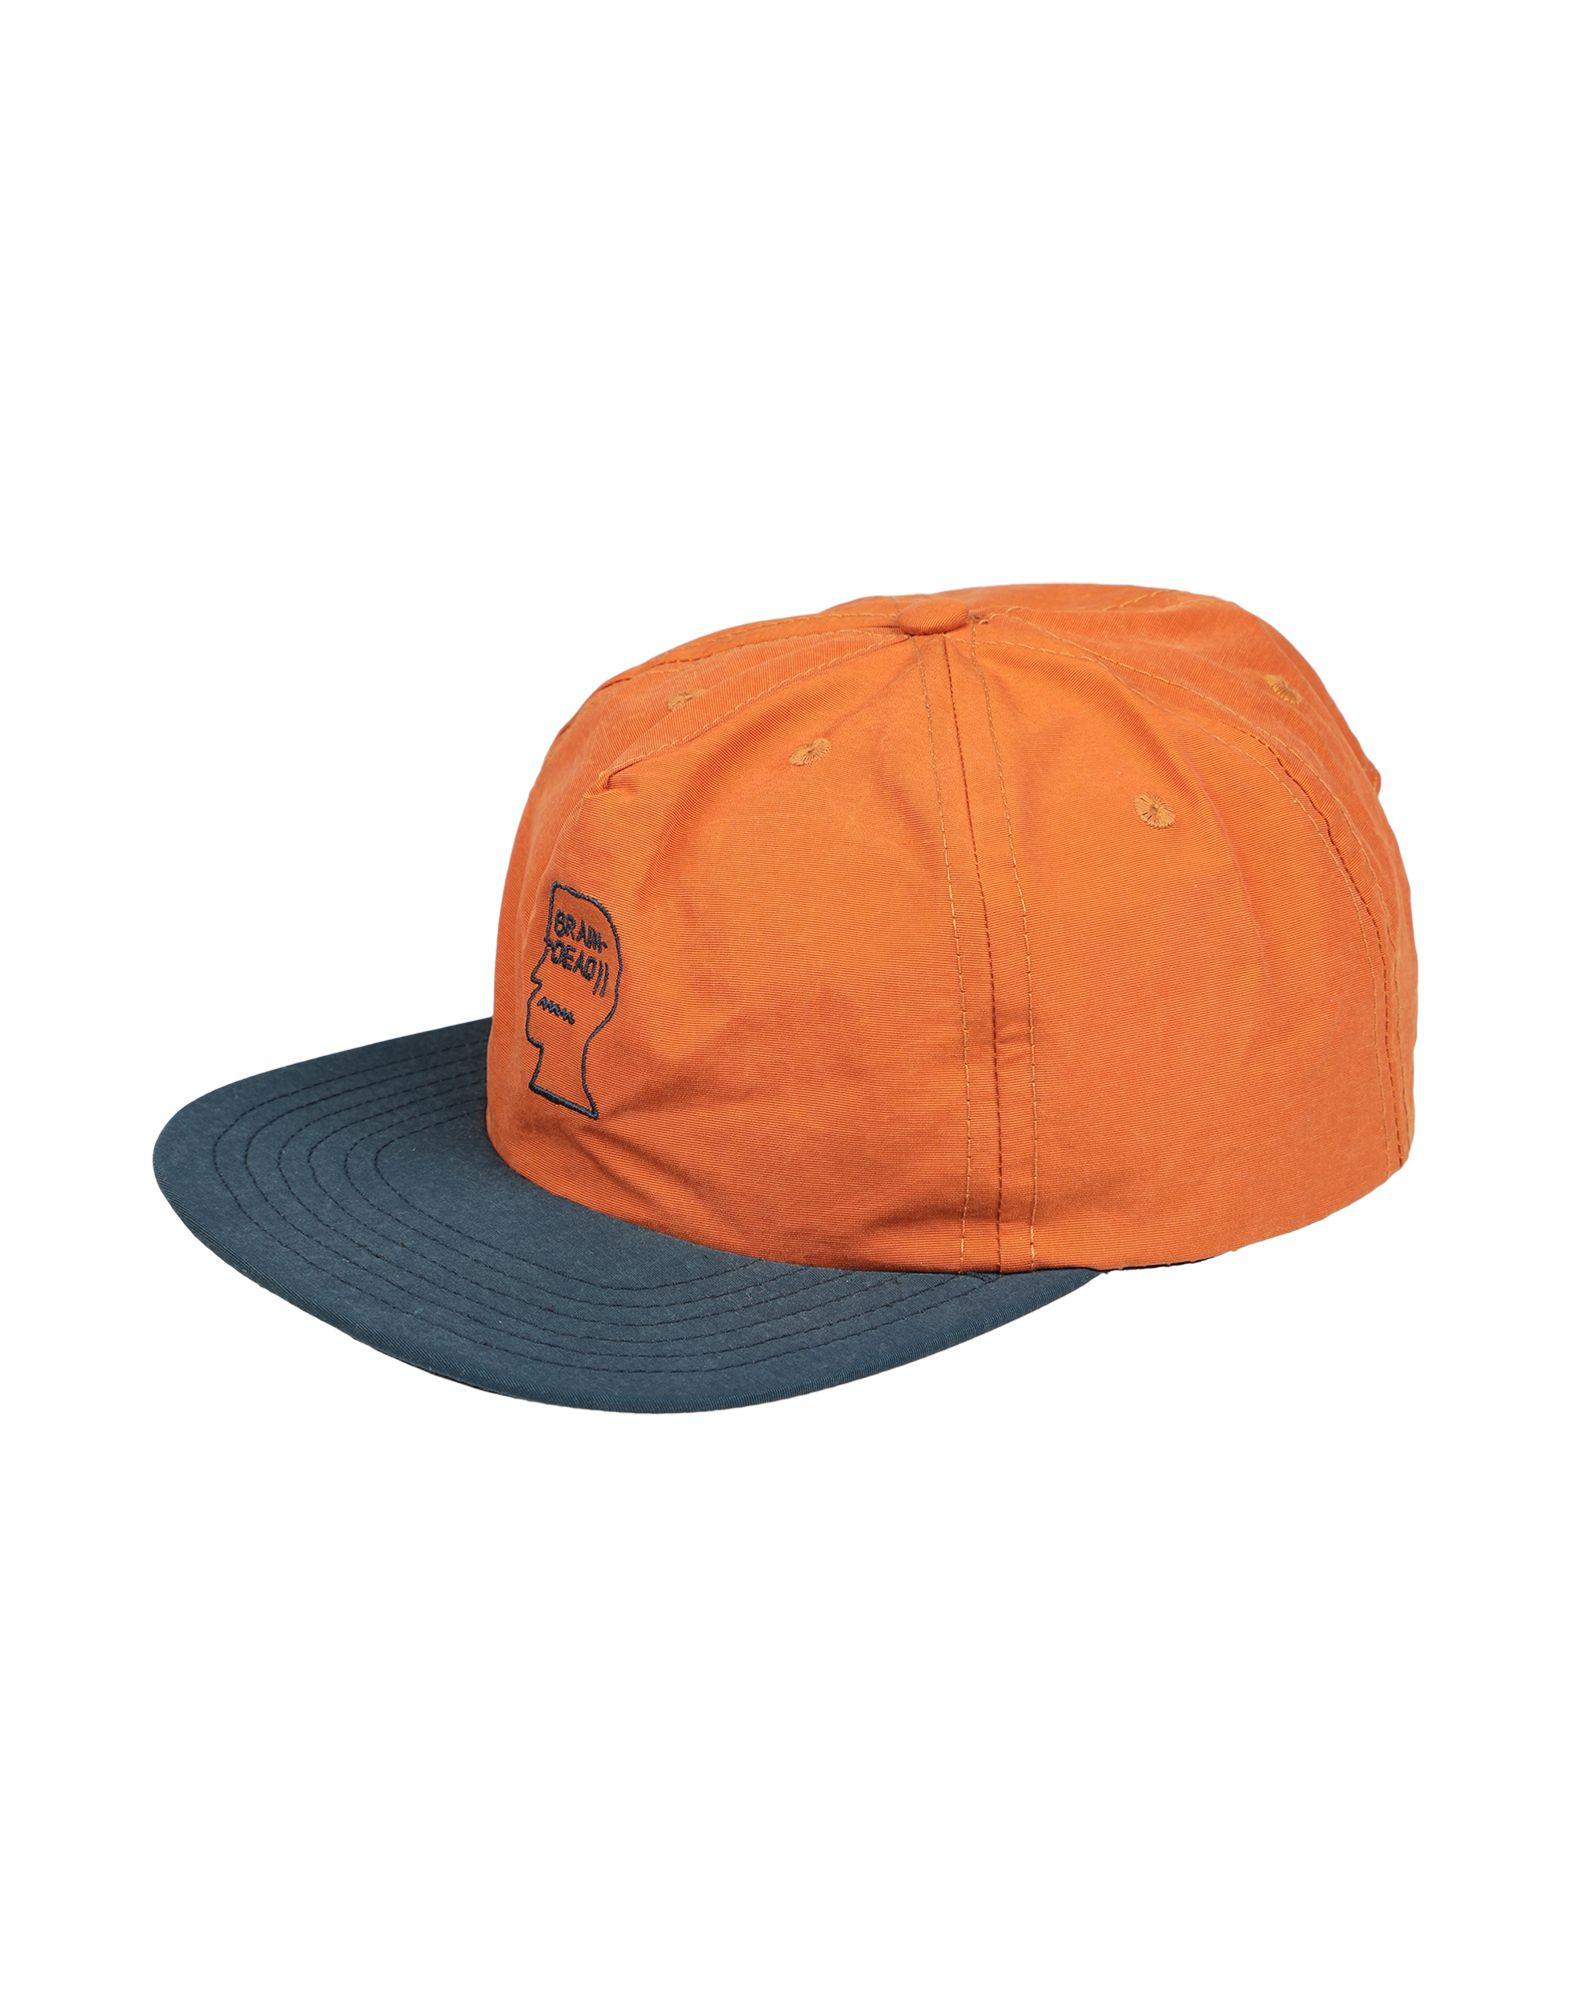 《セール開催中》BRAIN DEAD メンズ 帽子 赤茶色 one size コットン 100%